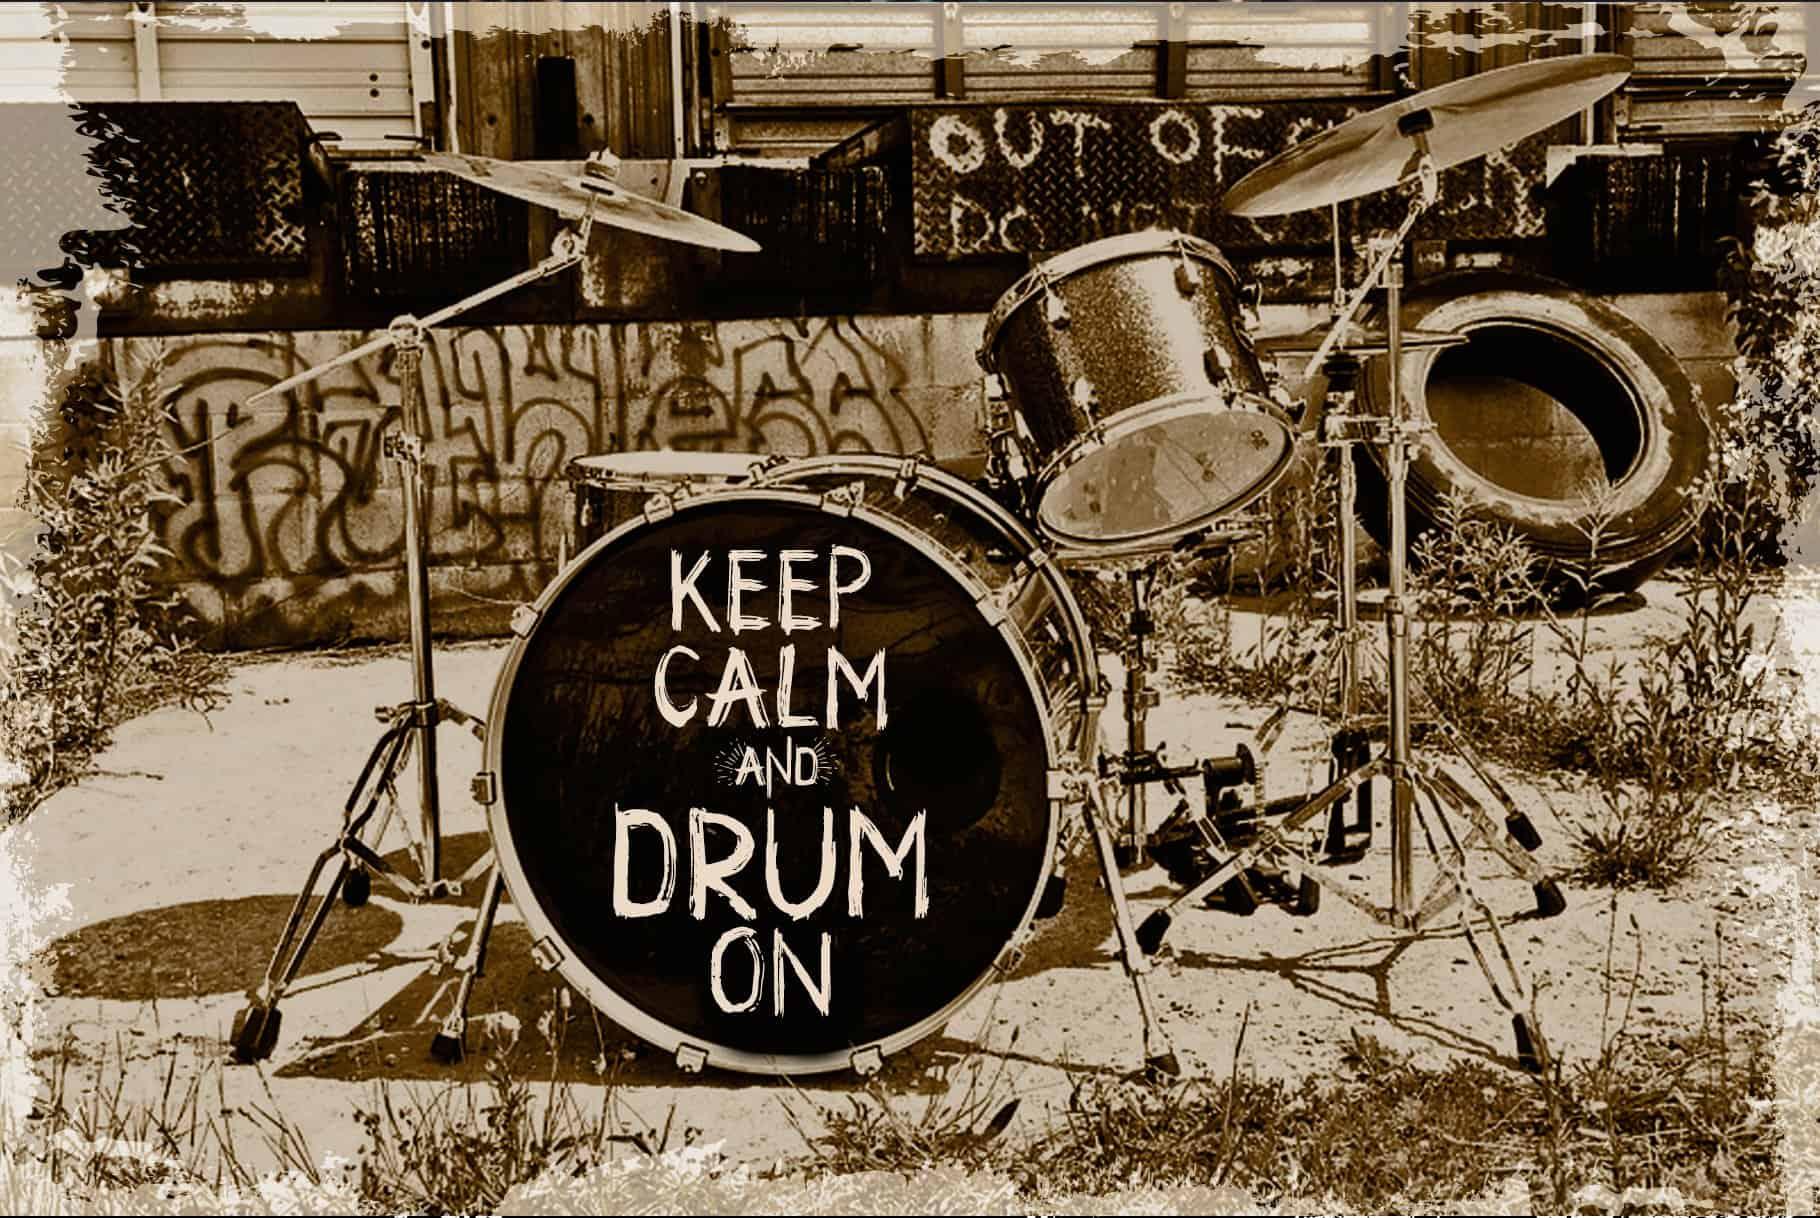 Drum шрифт скачать бесплатно